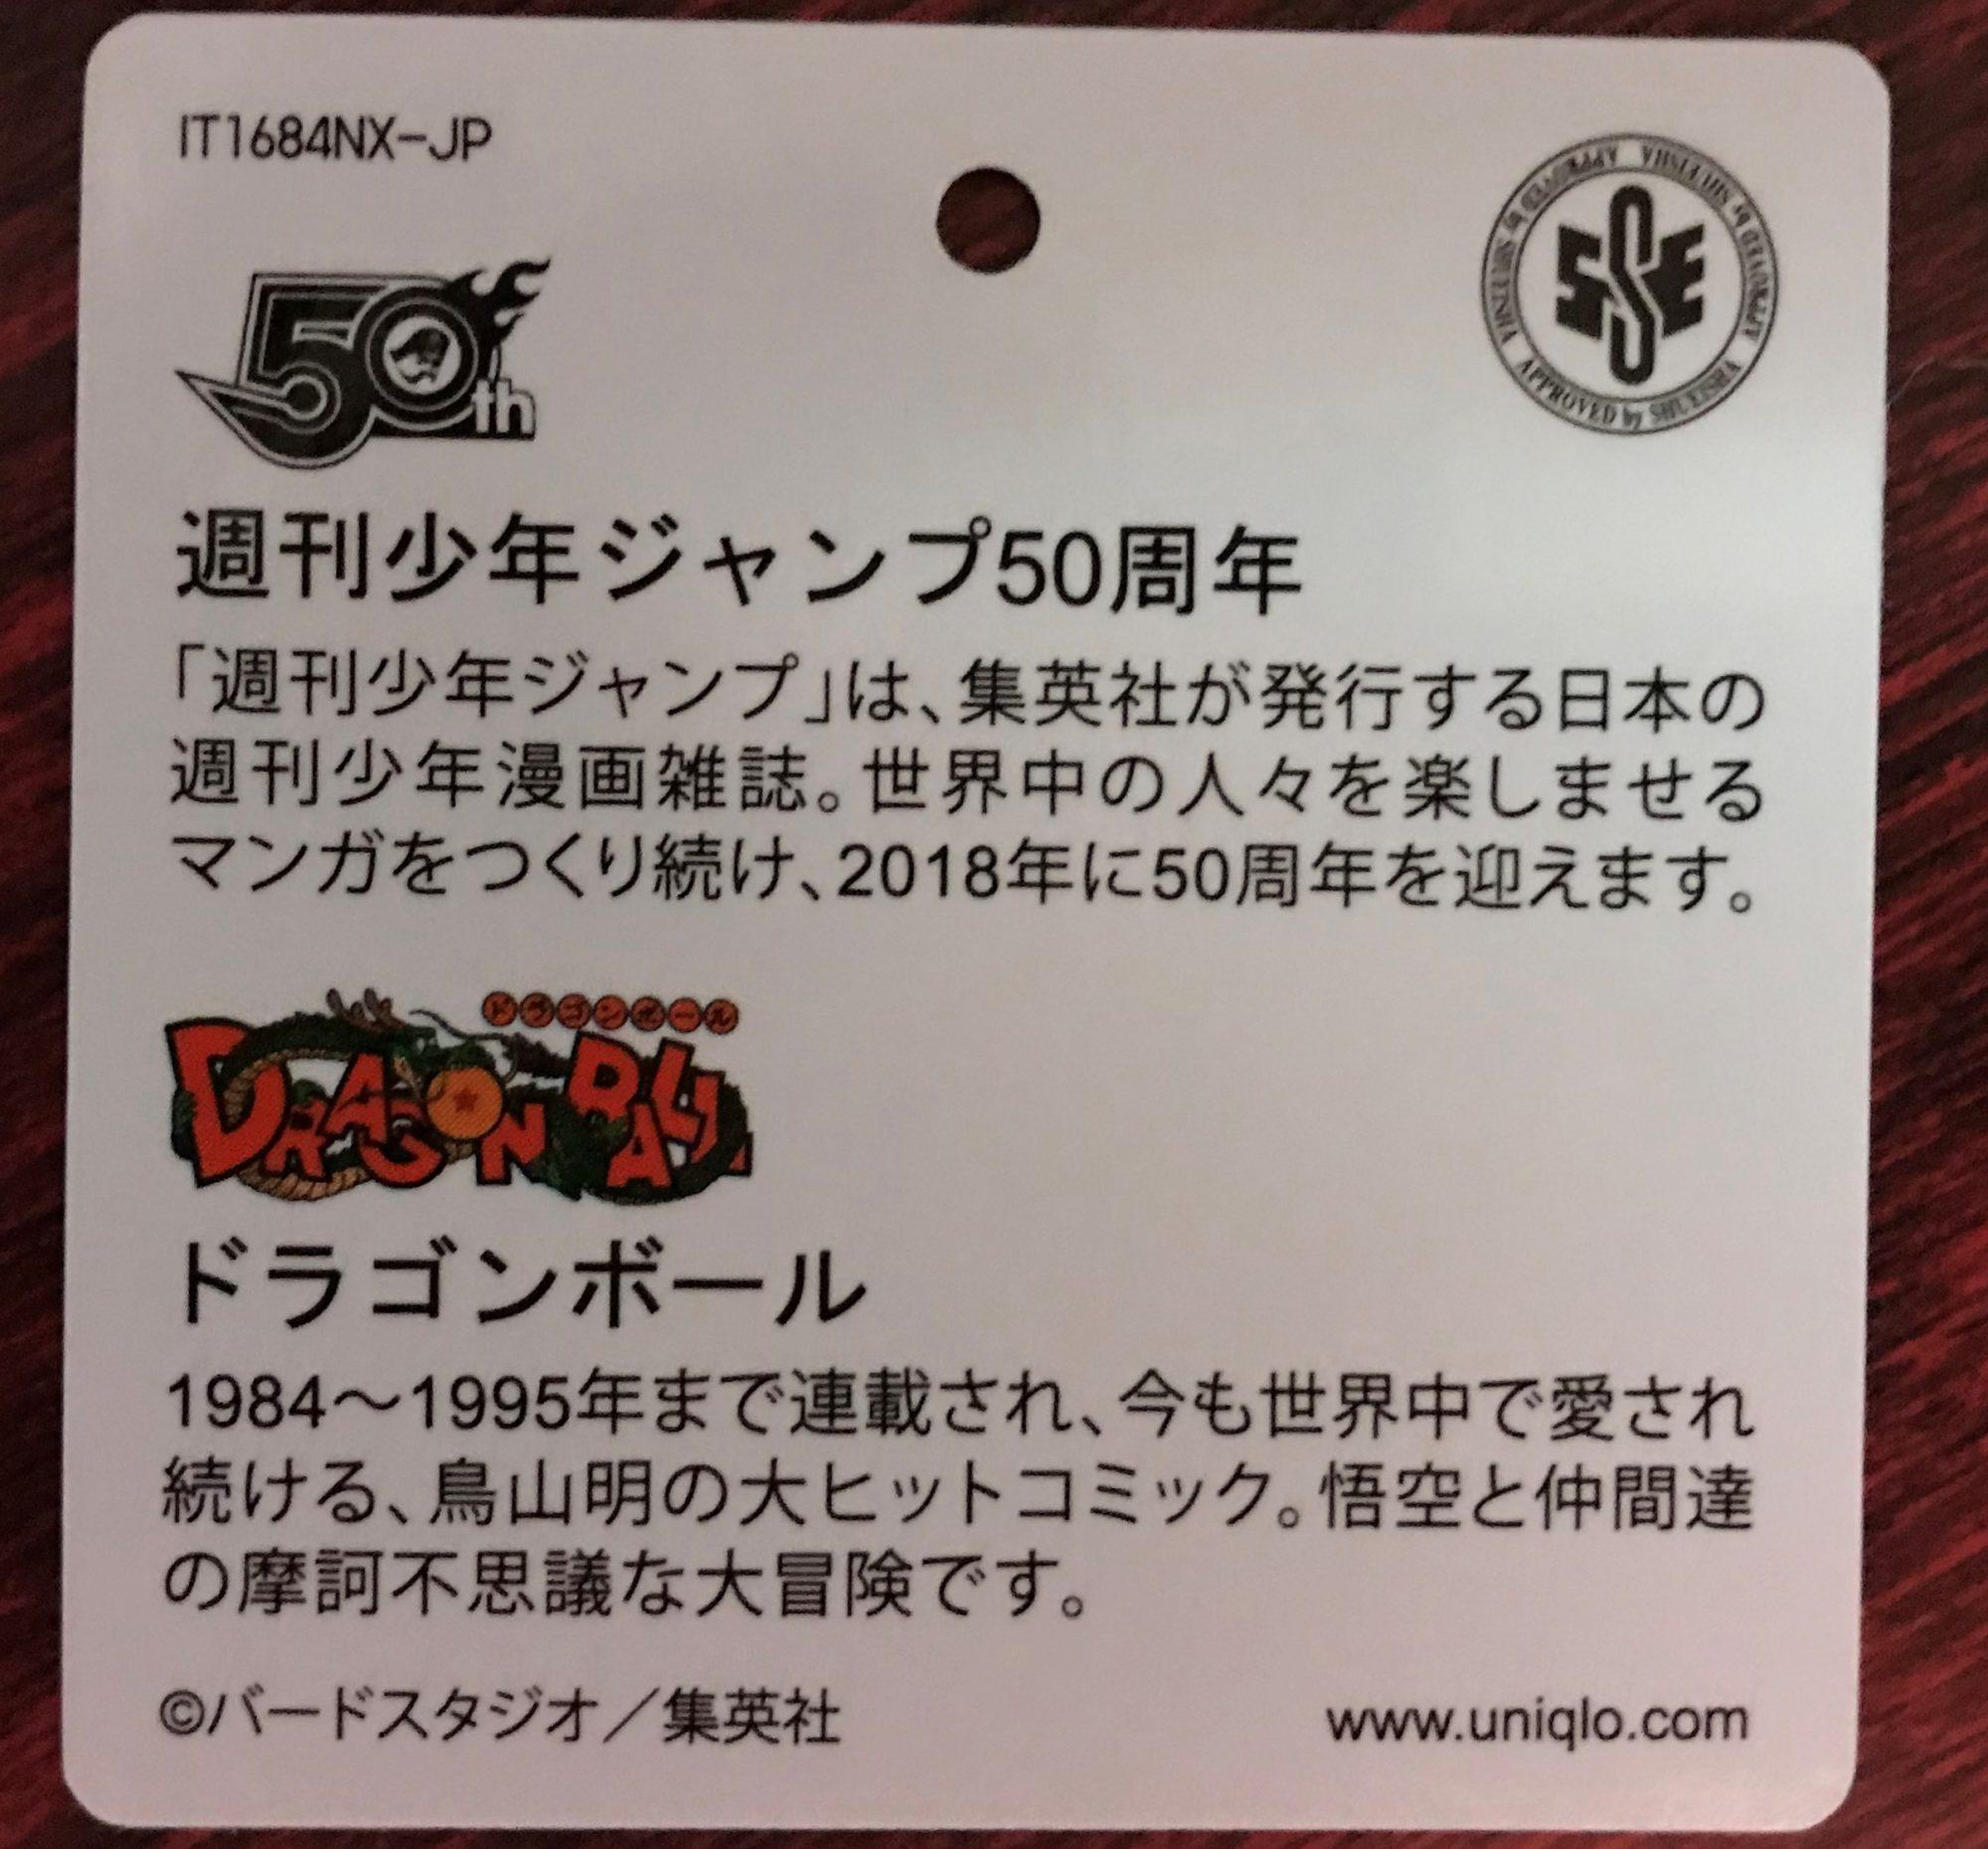 ユニクロ、少年ジャンプ50周年説明文